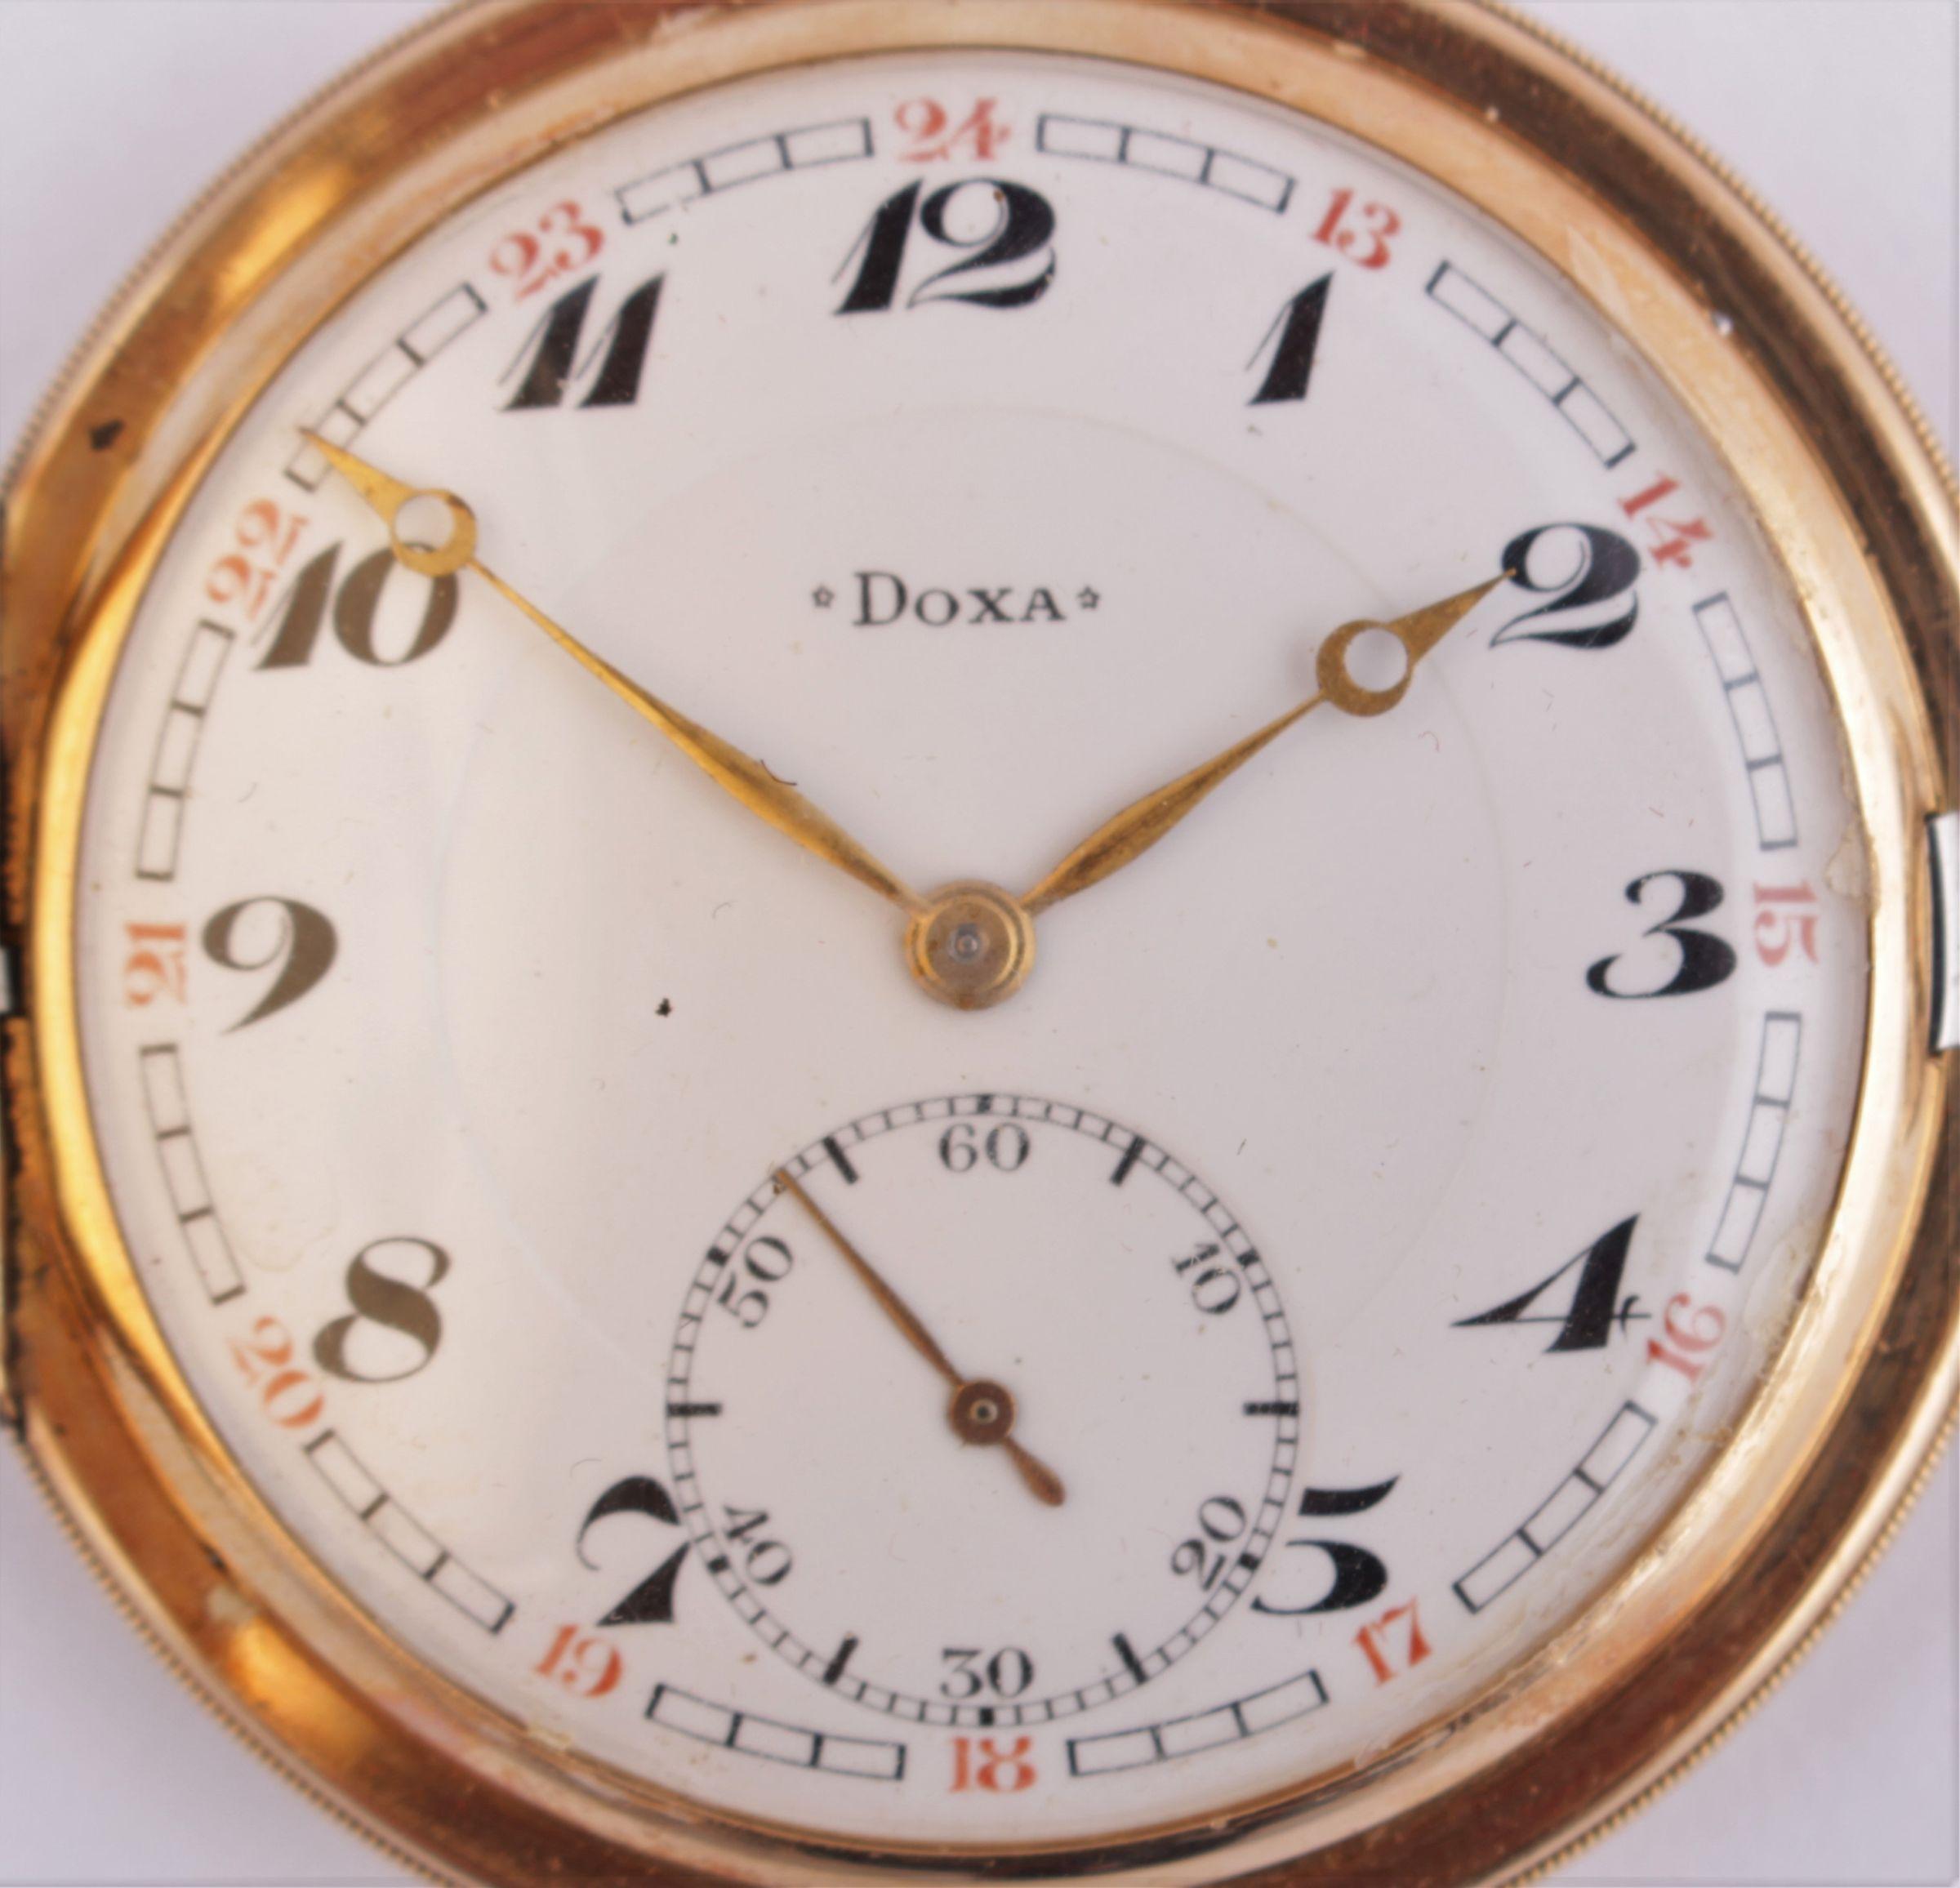 bd4b04c95 Zlaté kapesní hodinky Doxa   2. Aukce výtvarného umění a ...